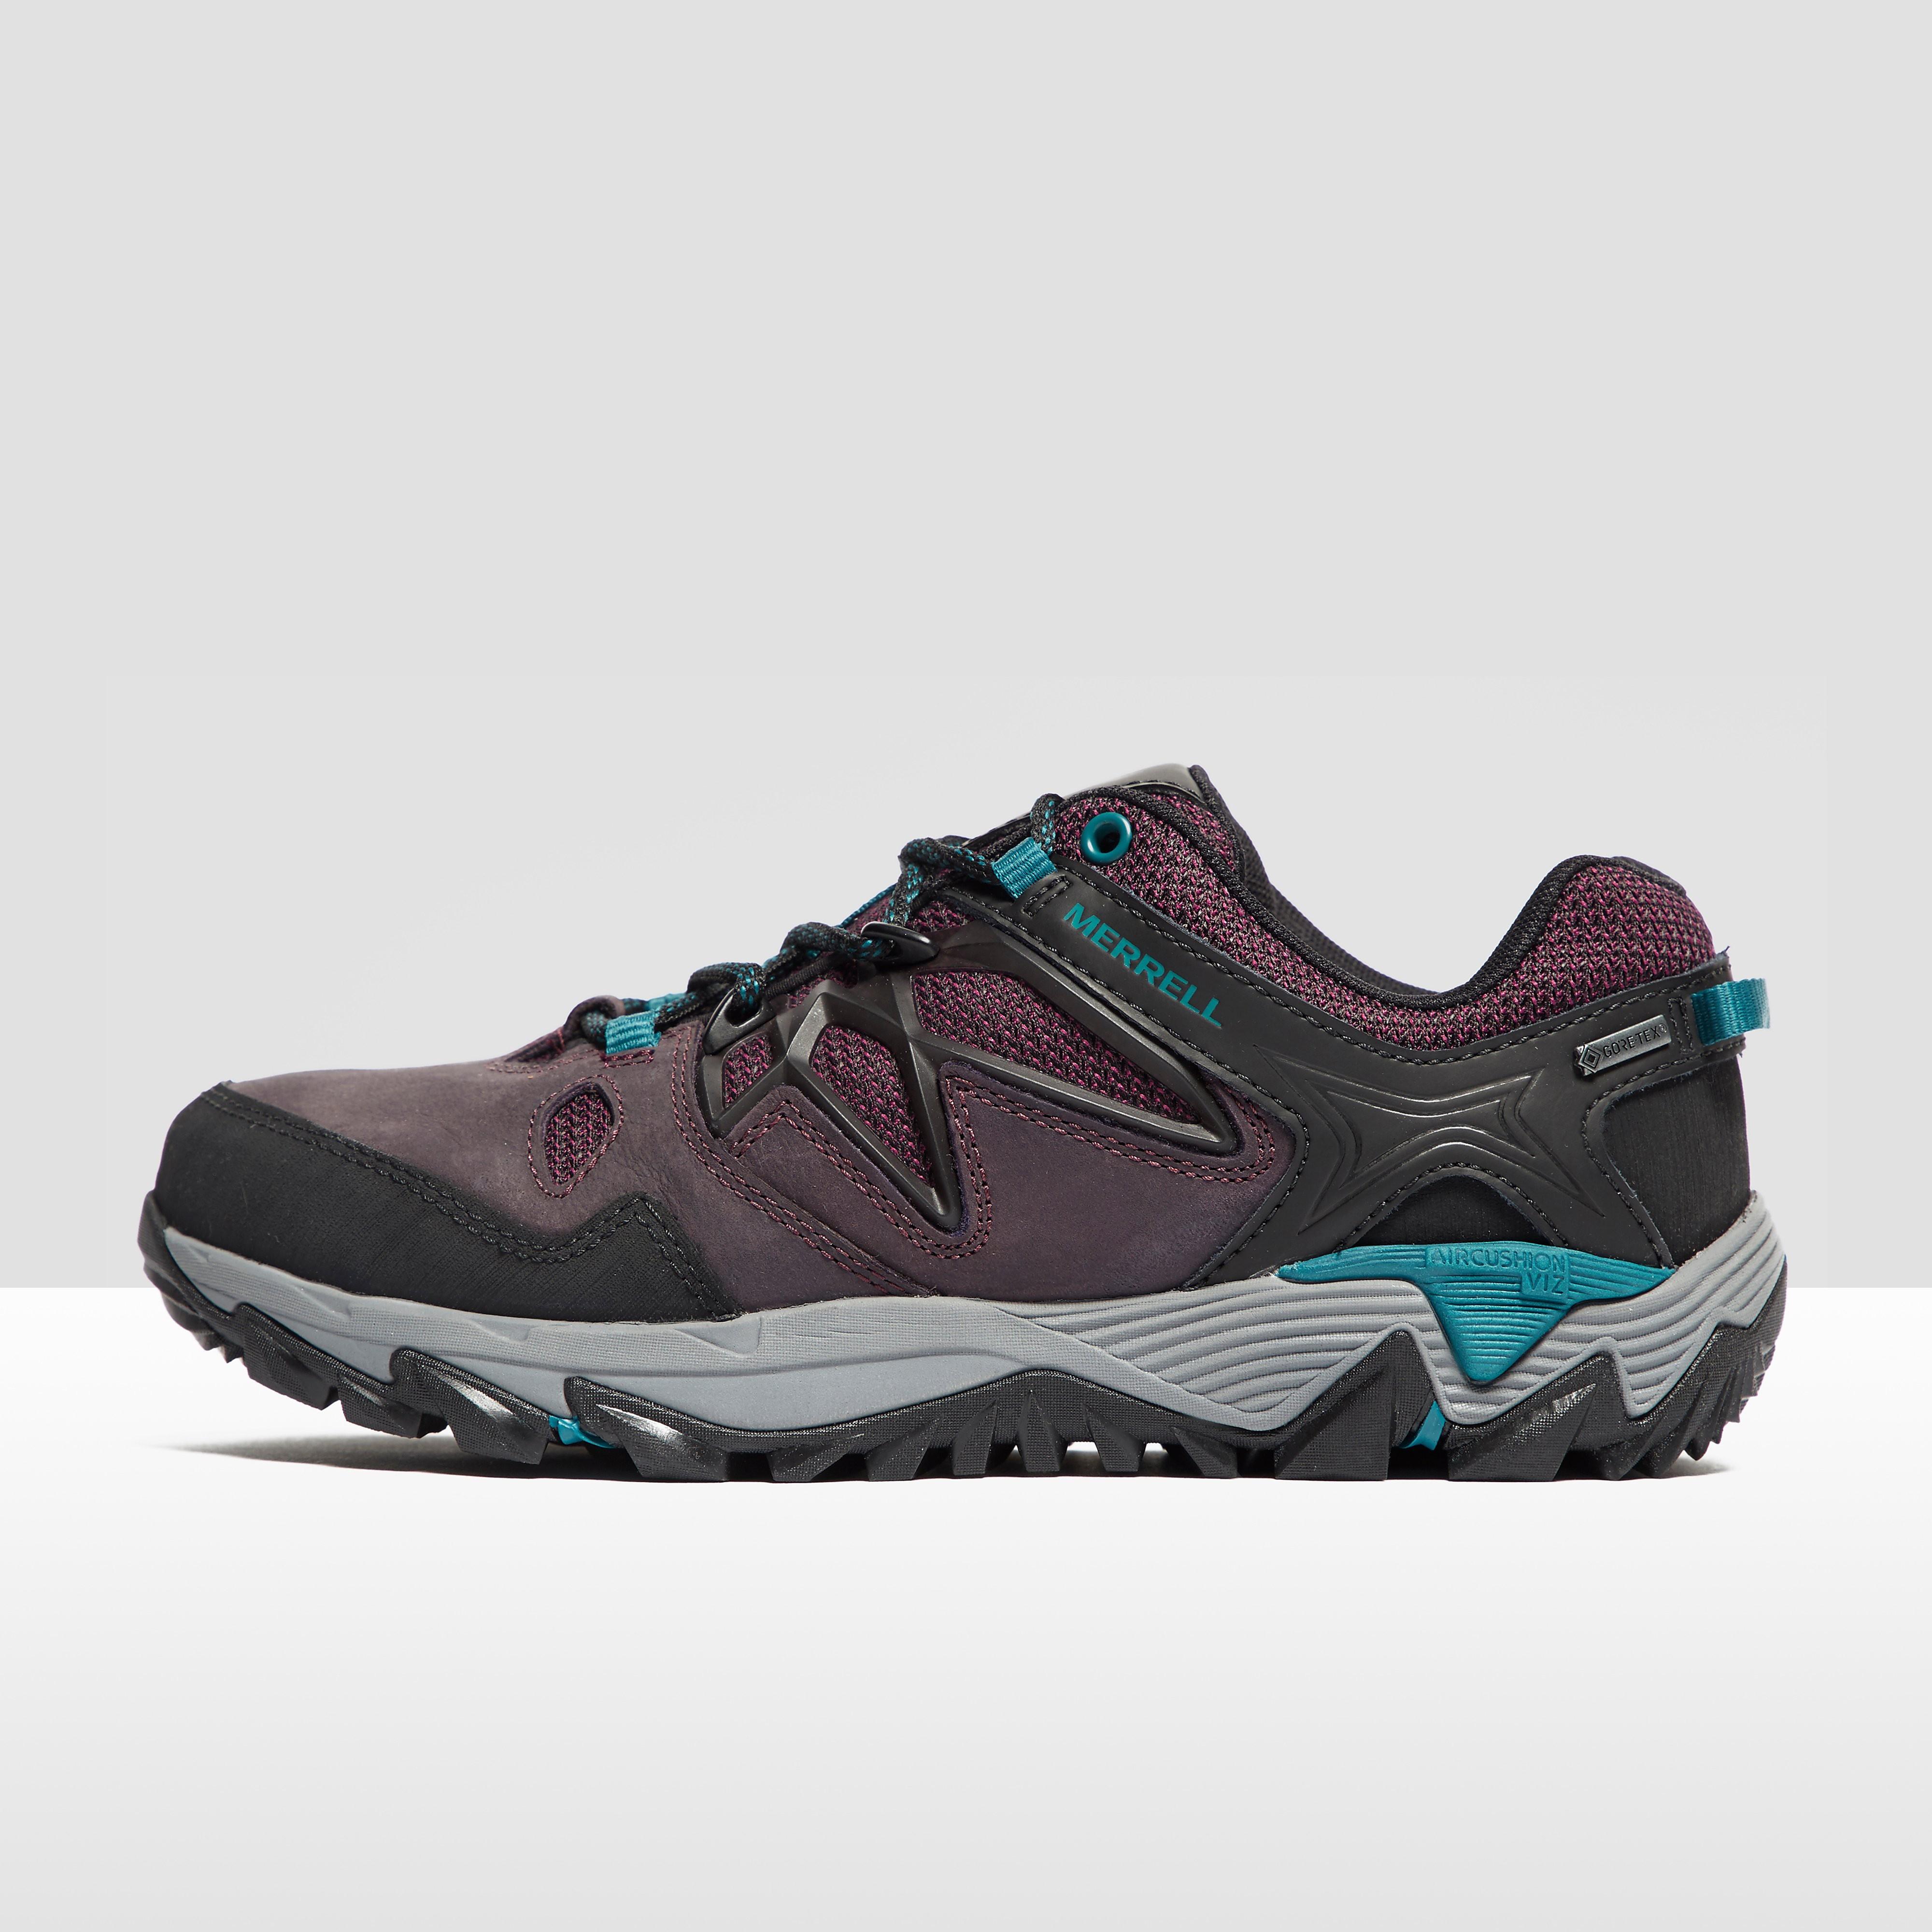 Merrell All Out Blaze 2 GTX Women's Walking Shoes